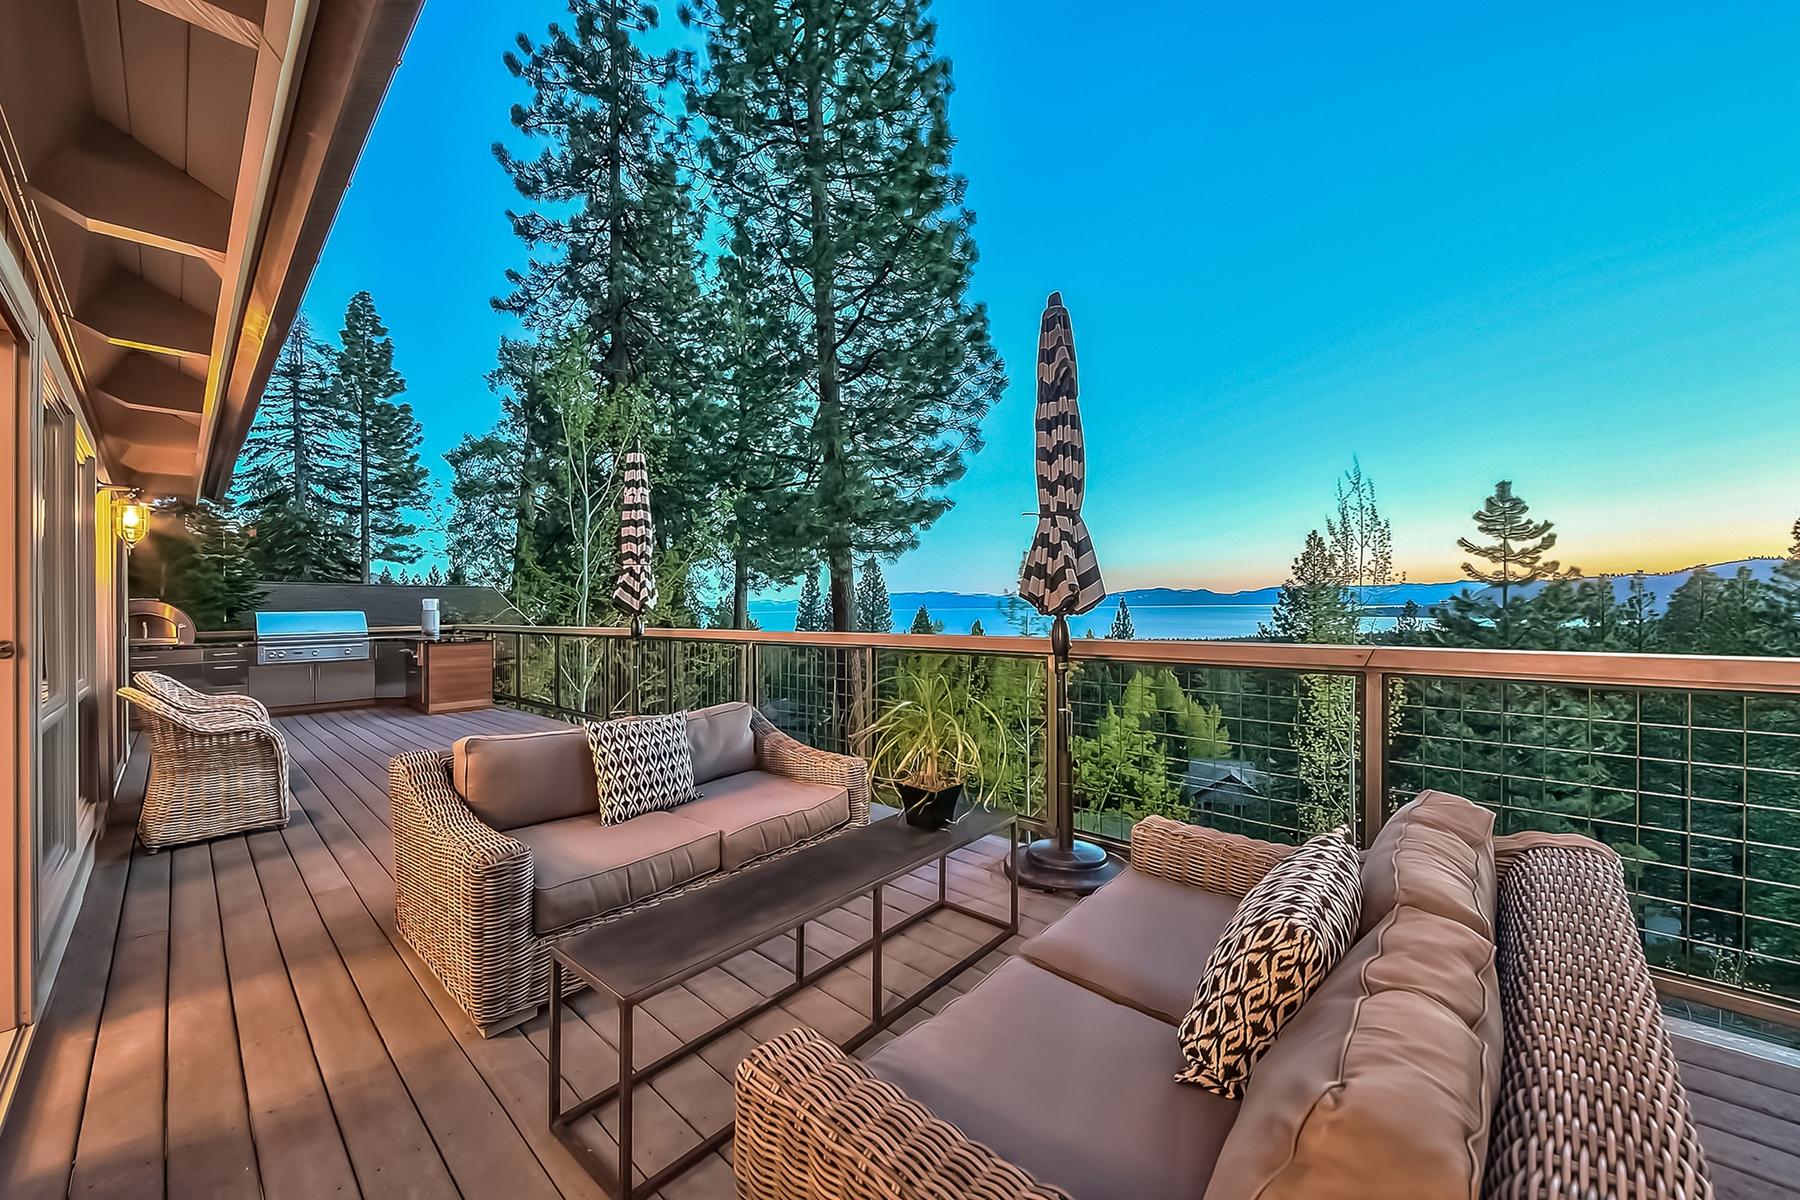 Частный односемейный дом для того Продажа на 435 Fairview Boulevard Incline Village, Невада, 89451 Соединенные Штаты